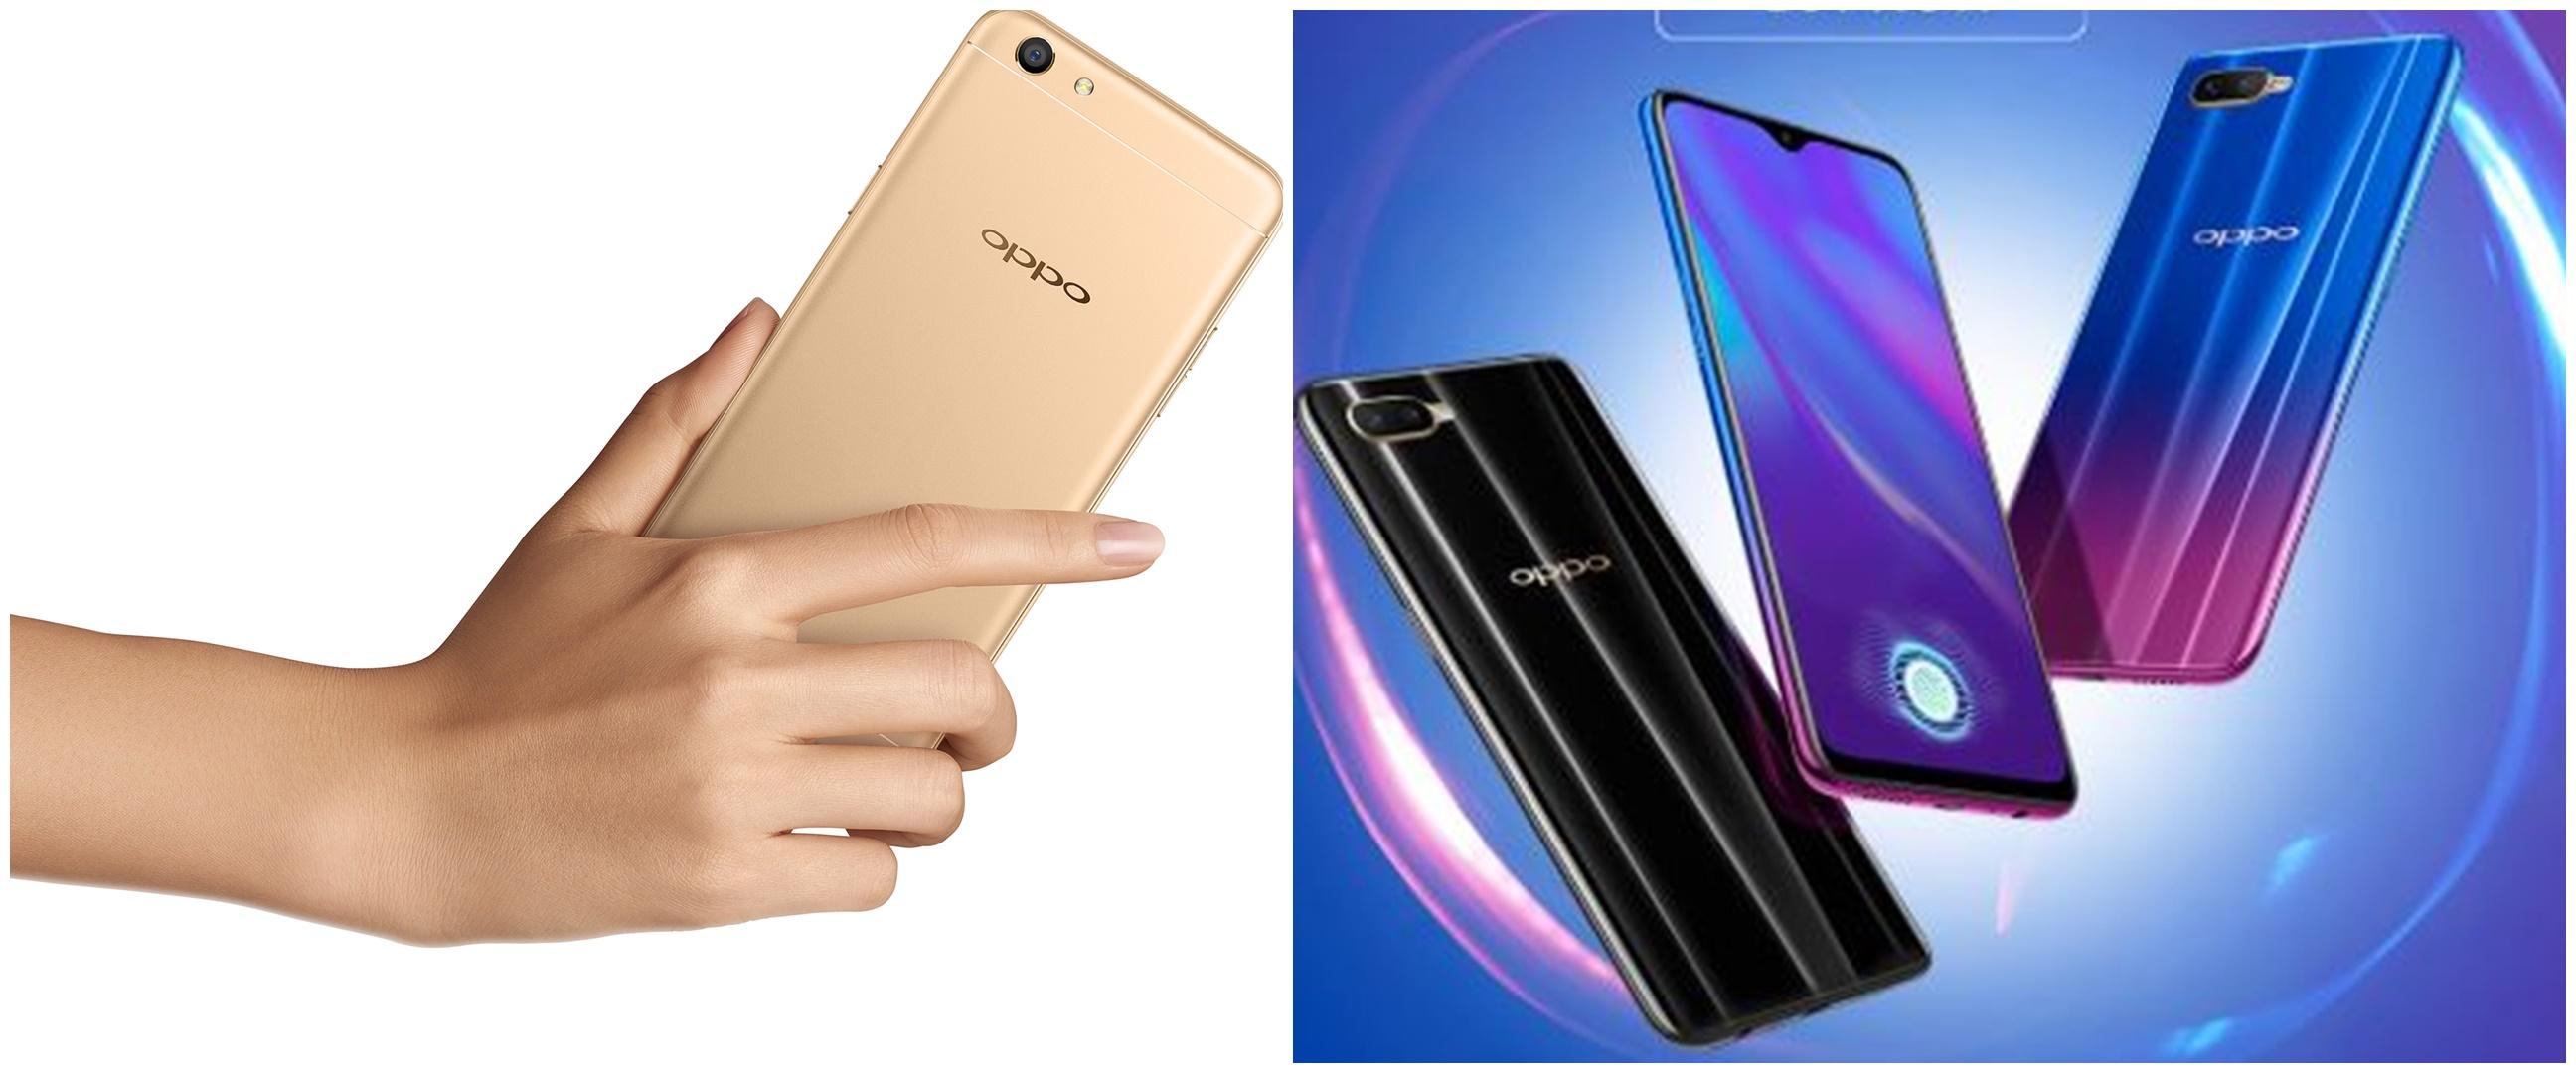 10 HP Oppo RAM 4 GB harga Rp 1 jutaan, spesifikasi andal